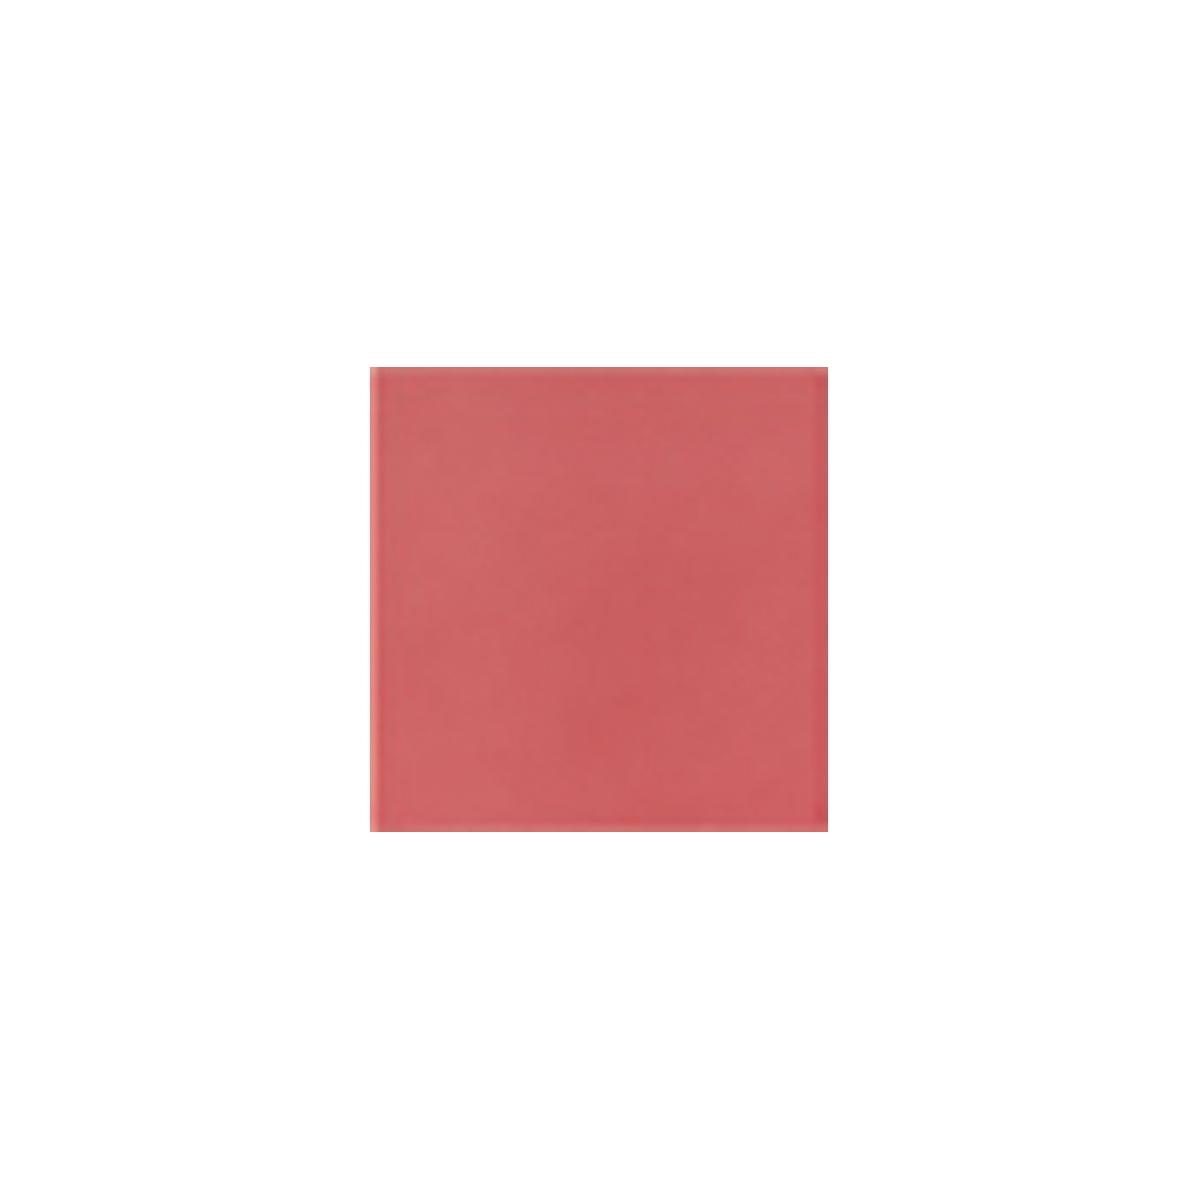 Color Rosso Brillo - Colección Colores Brillo - Marca Mainzu